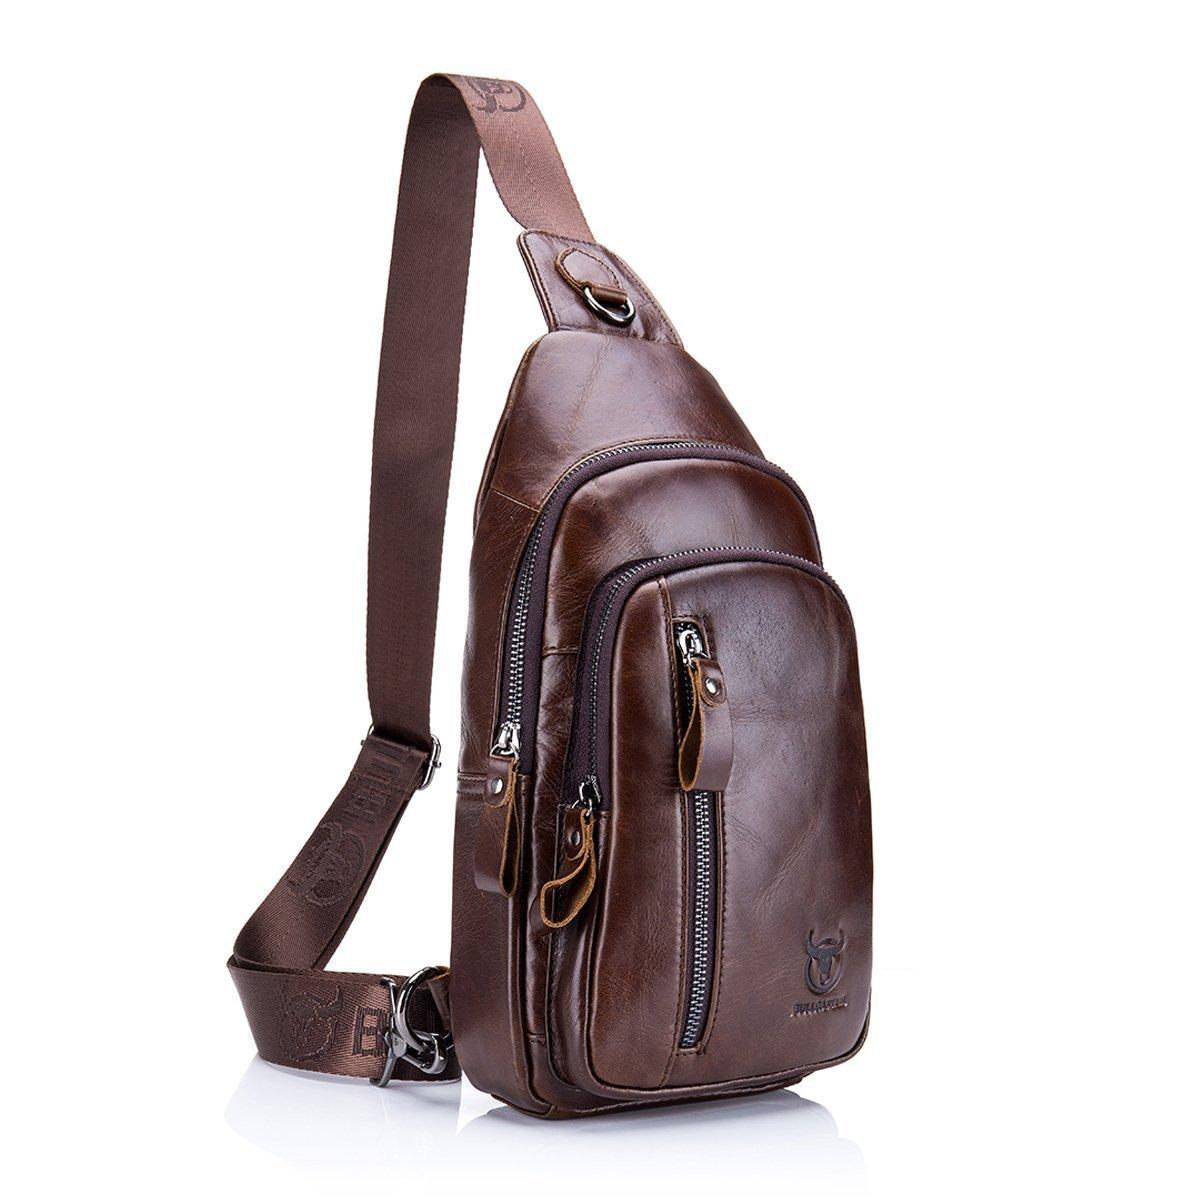 Sling Bag Mens Genuine Leather ELASZ Cross Body Bag Chest Bag Shoulder Backpack for Men